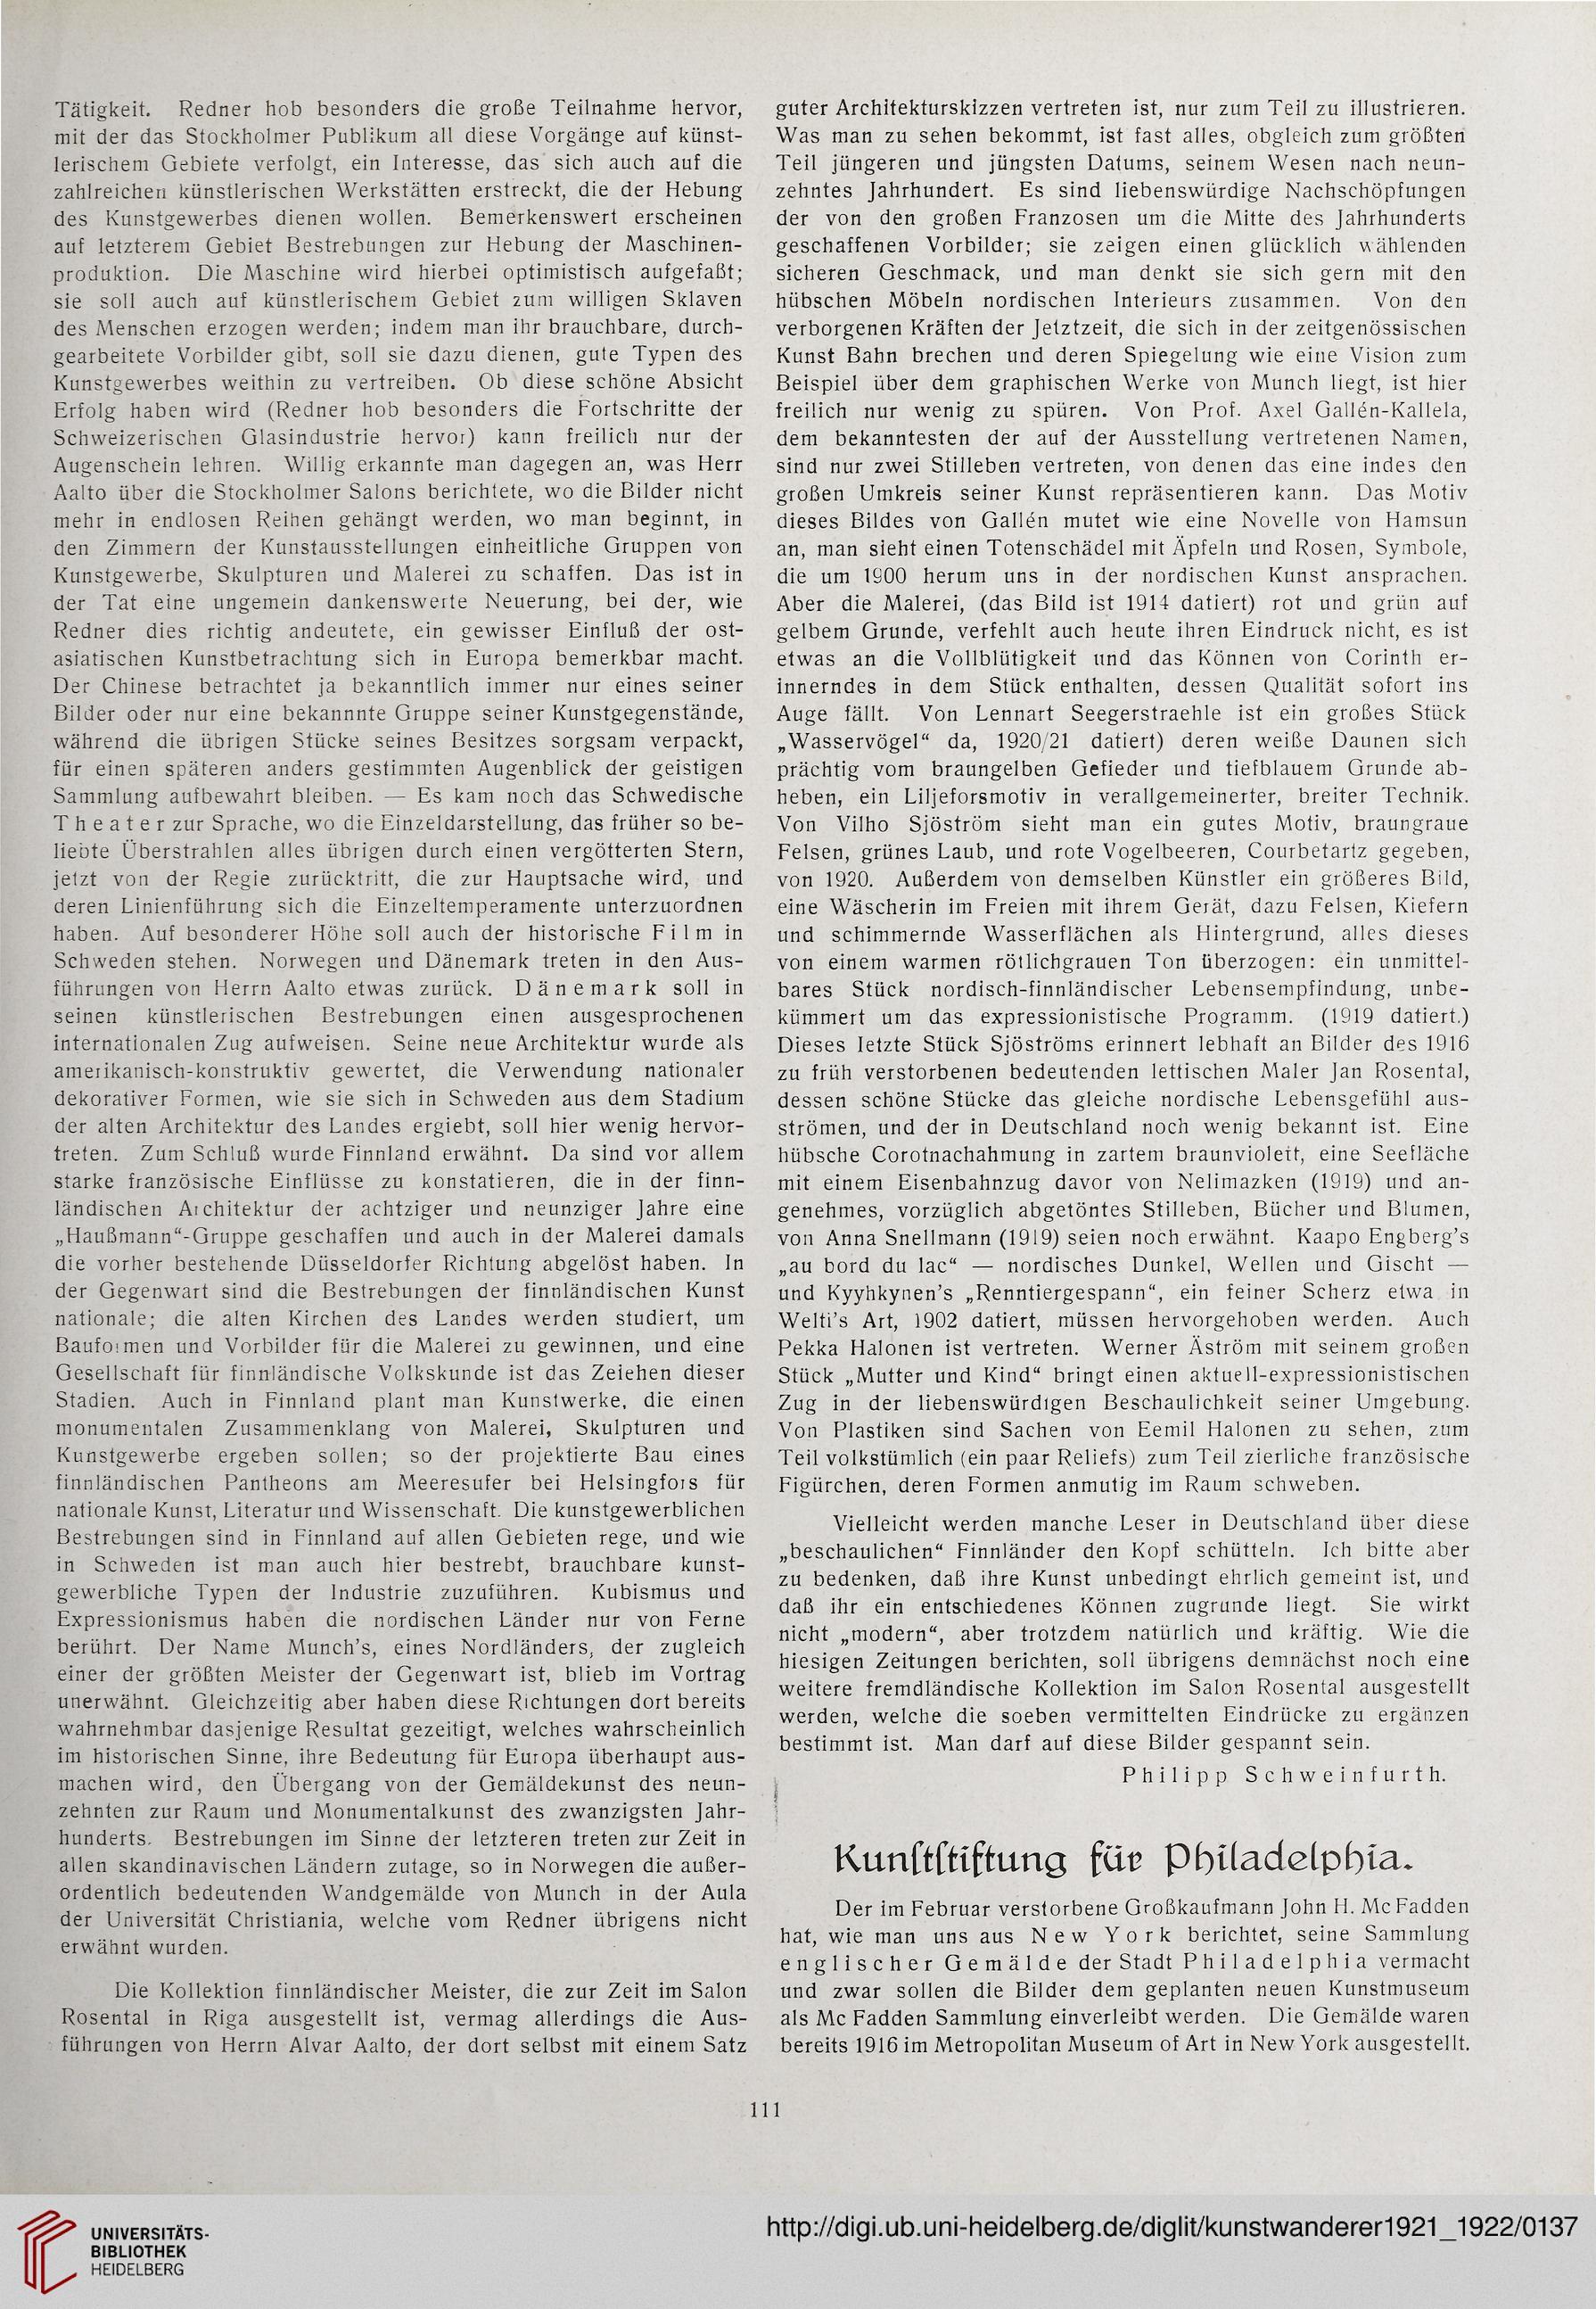 Donath, Adolph [Hrsg.]: Der Kunstwanderer: Zeitschrift für alte und neue  Kunst, für Kunstmarkt und Sammelwesen (3./4.1921/22)